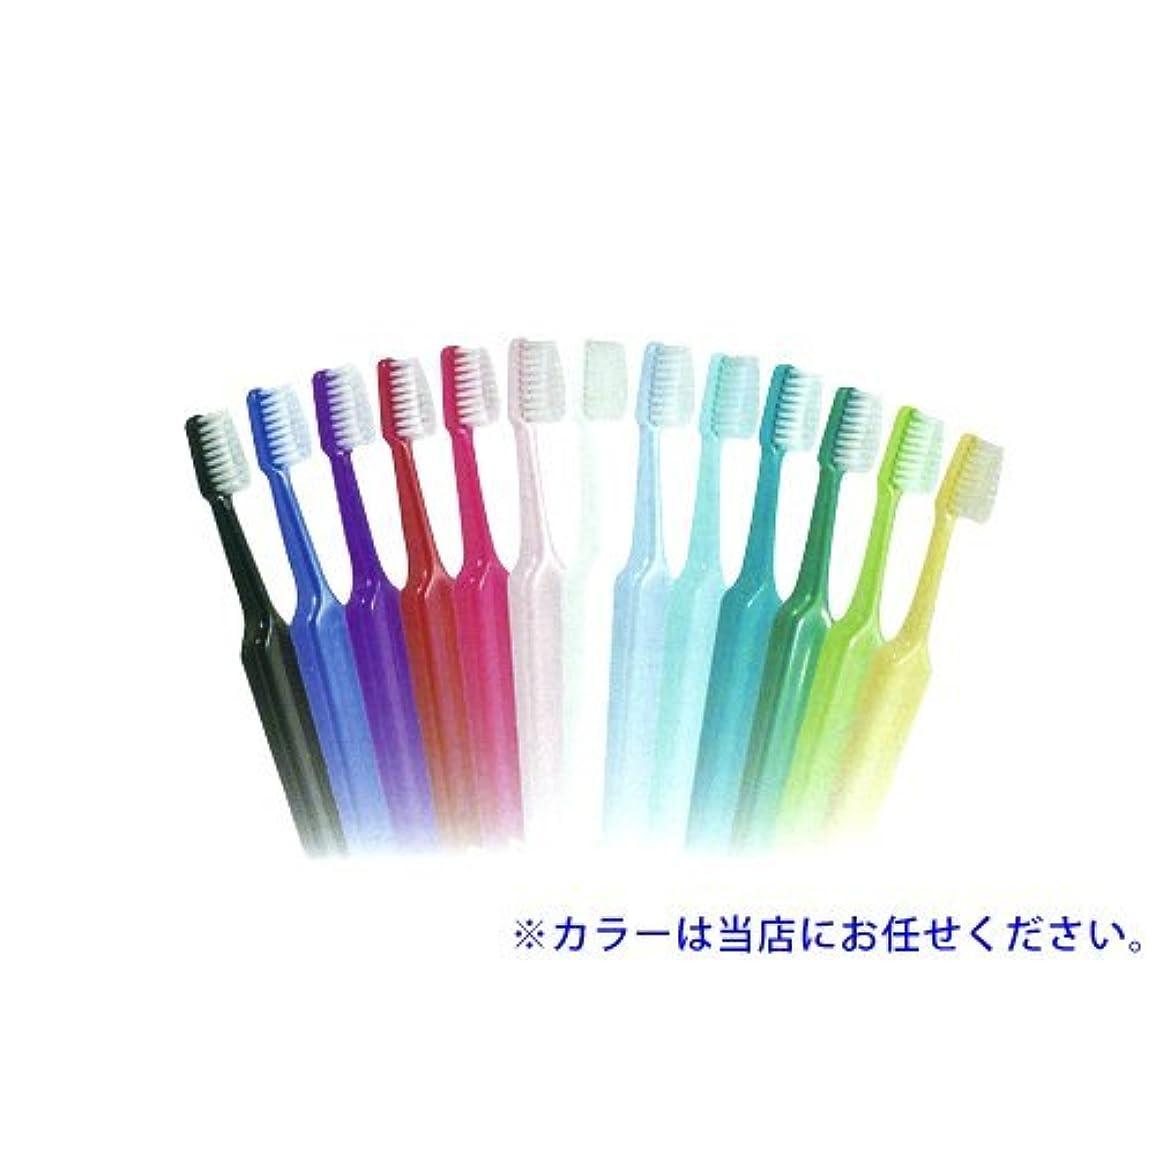 めったに着飾るポルノクロスフィールド TePe テペ セレクトミニ 歯ブラシ 1本 エクストラソフト